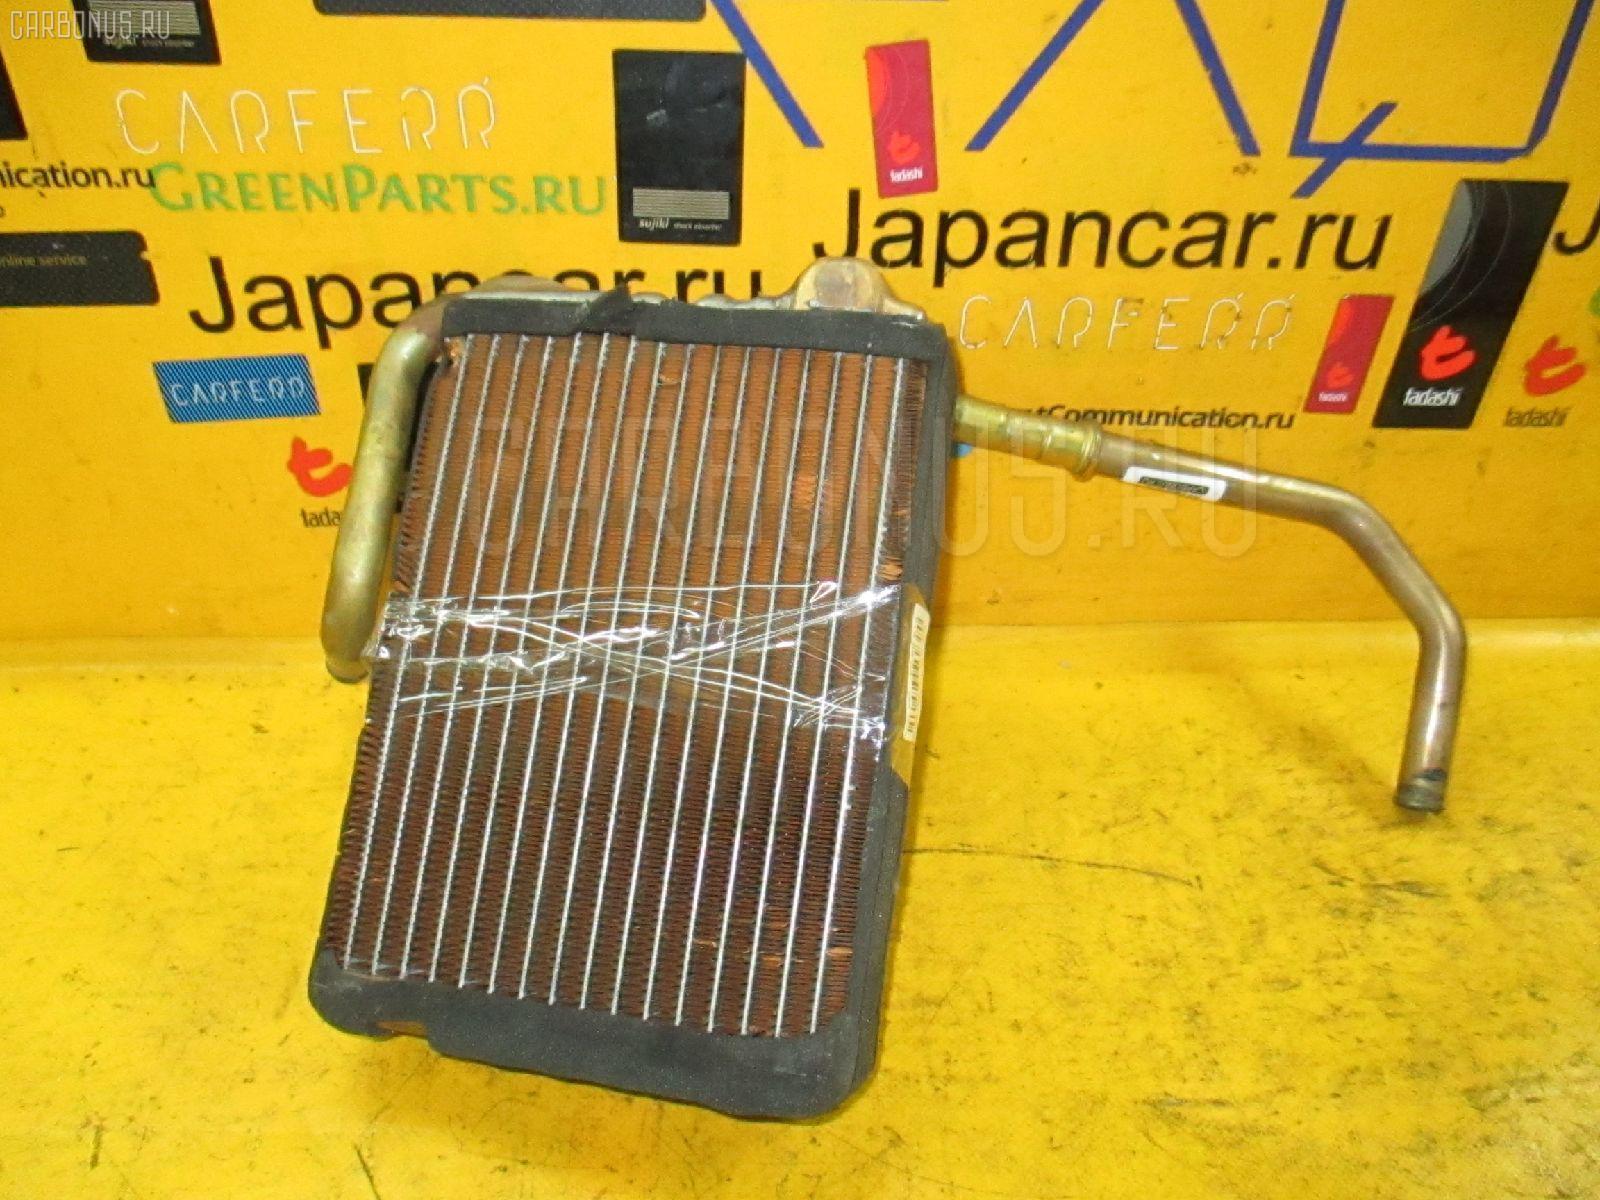 Радиатор печки TOYOTA CROWN WAGON JZS130G 1JZ-GE. Фото 2